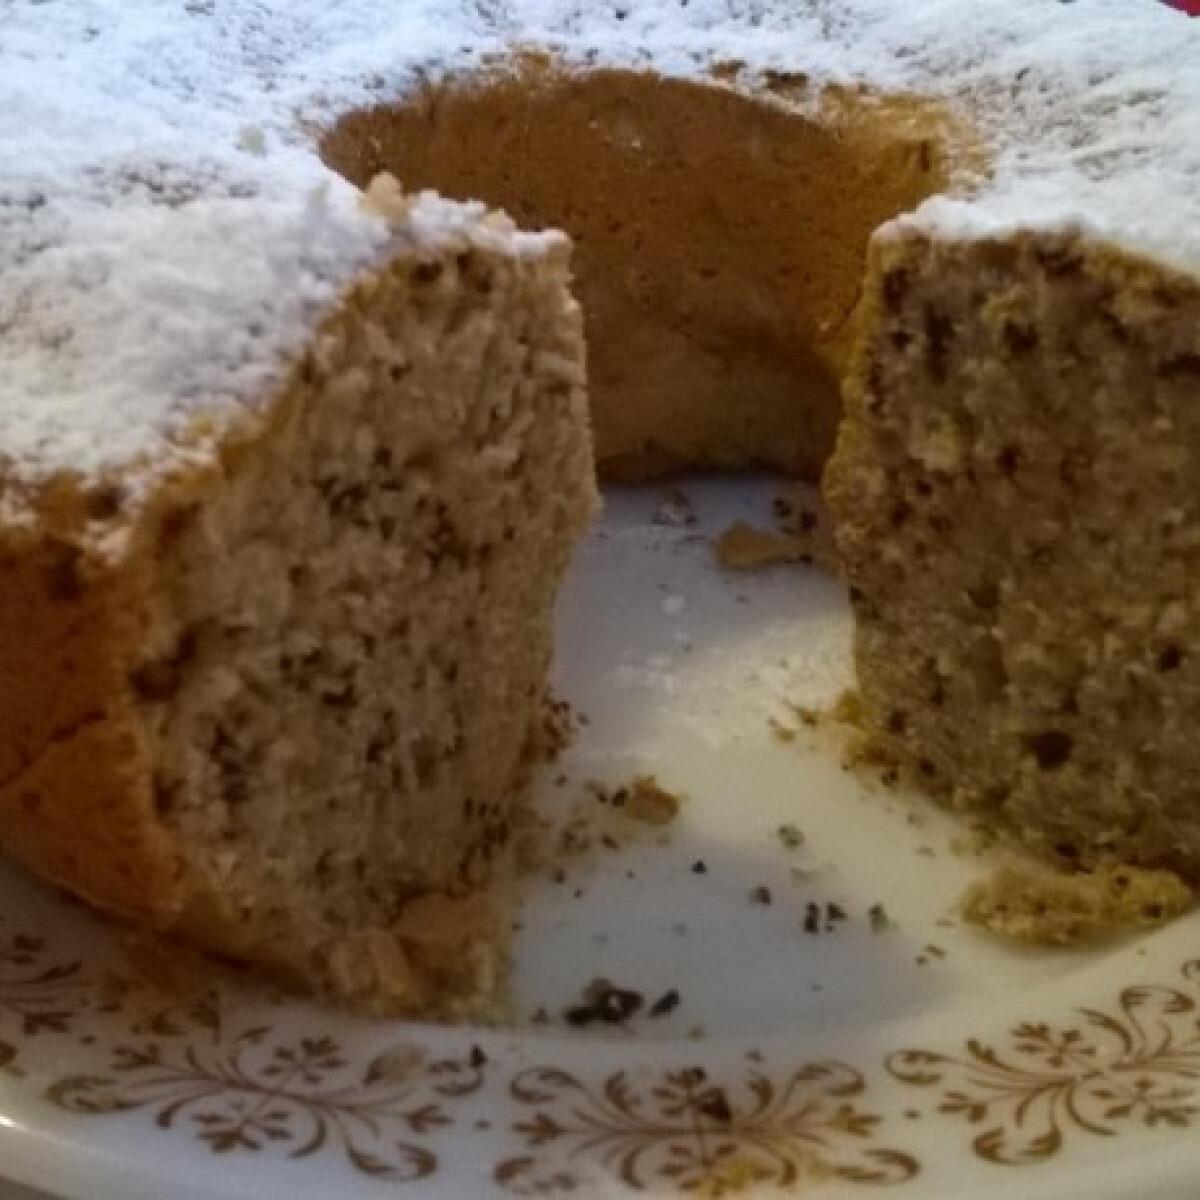 Vörösboros sütemény Emőkétől